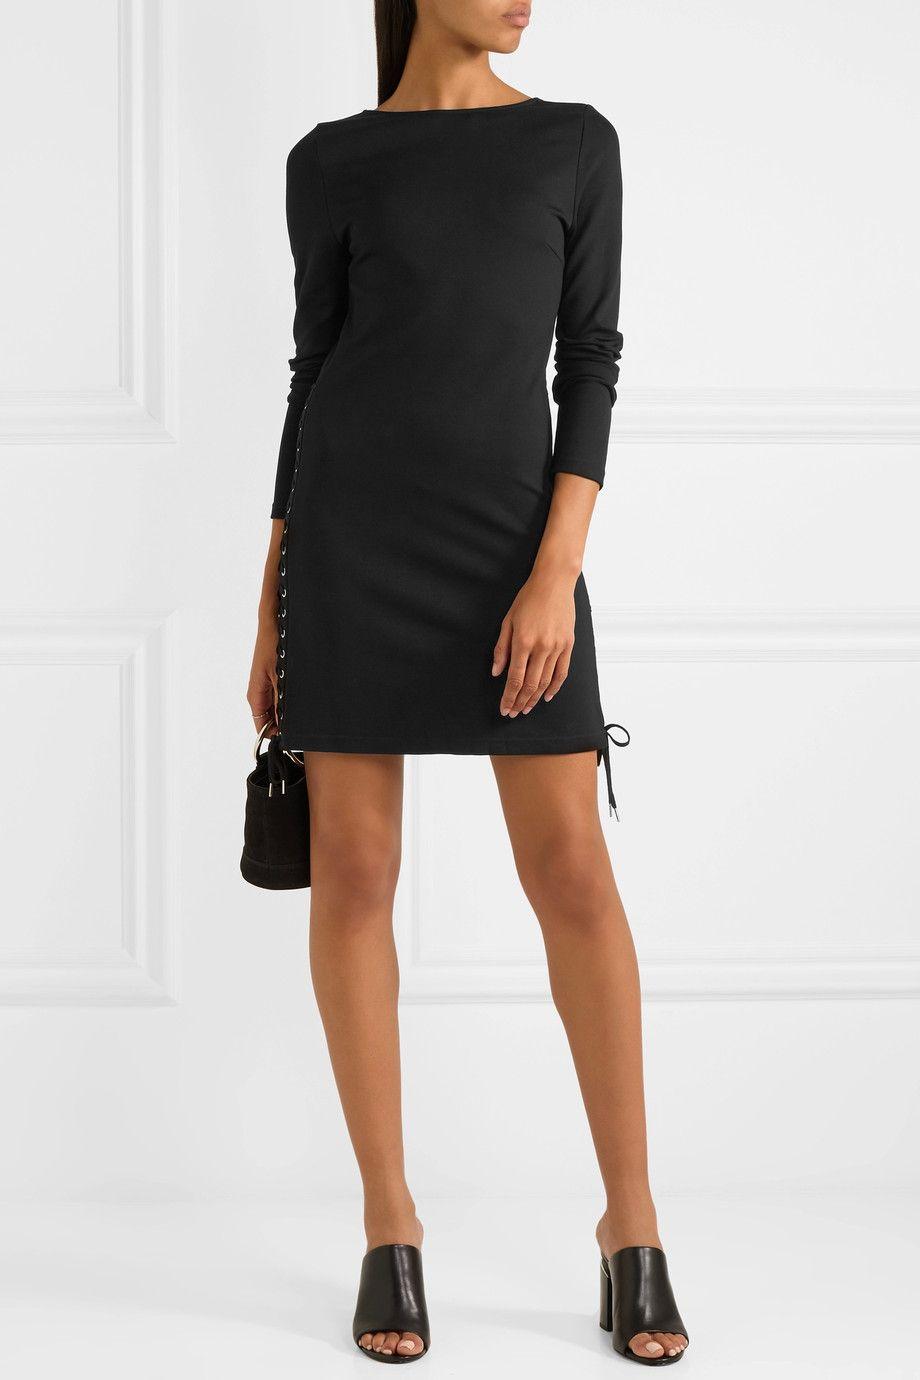 41eacf82b7068 McQ Alexander McQueen | Lace-up jersey mini dress | NET-A-PORTER.COM ...